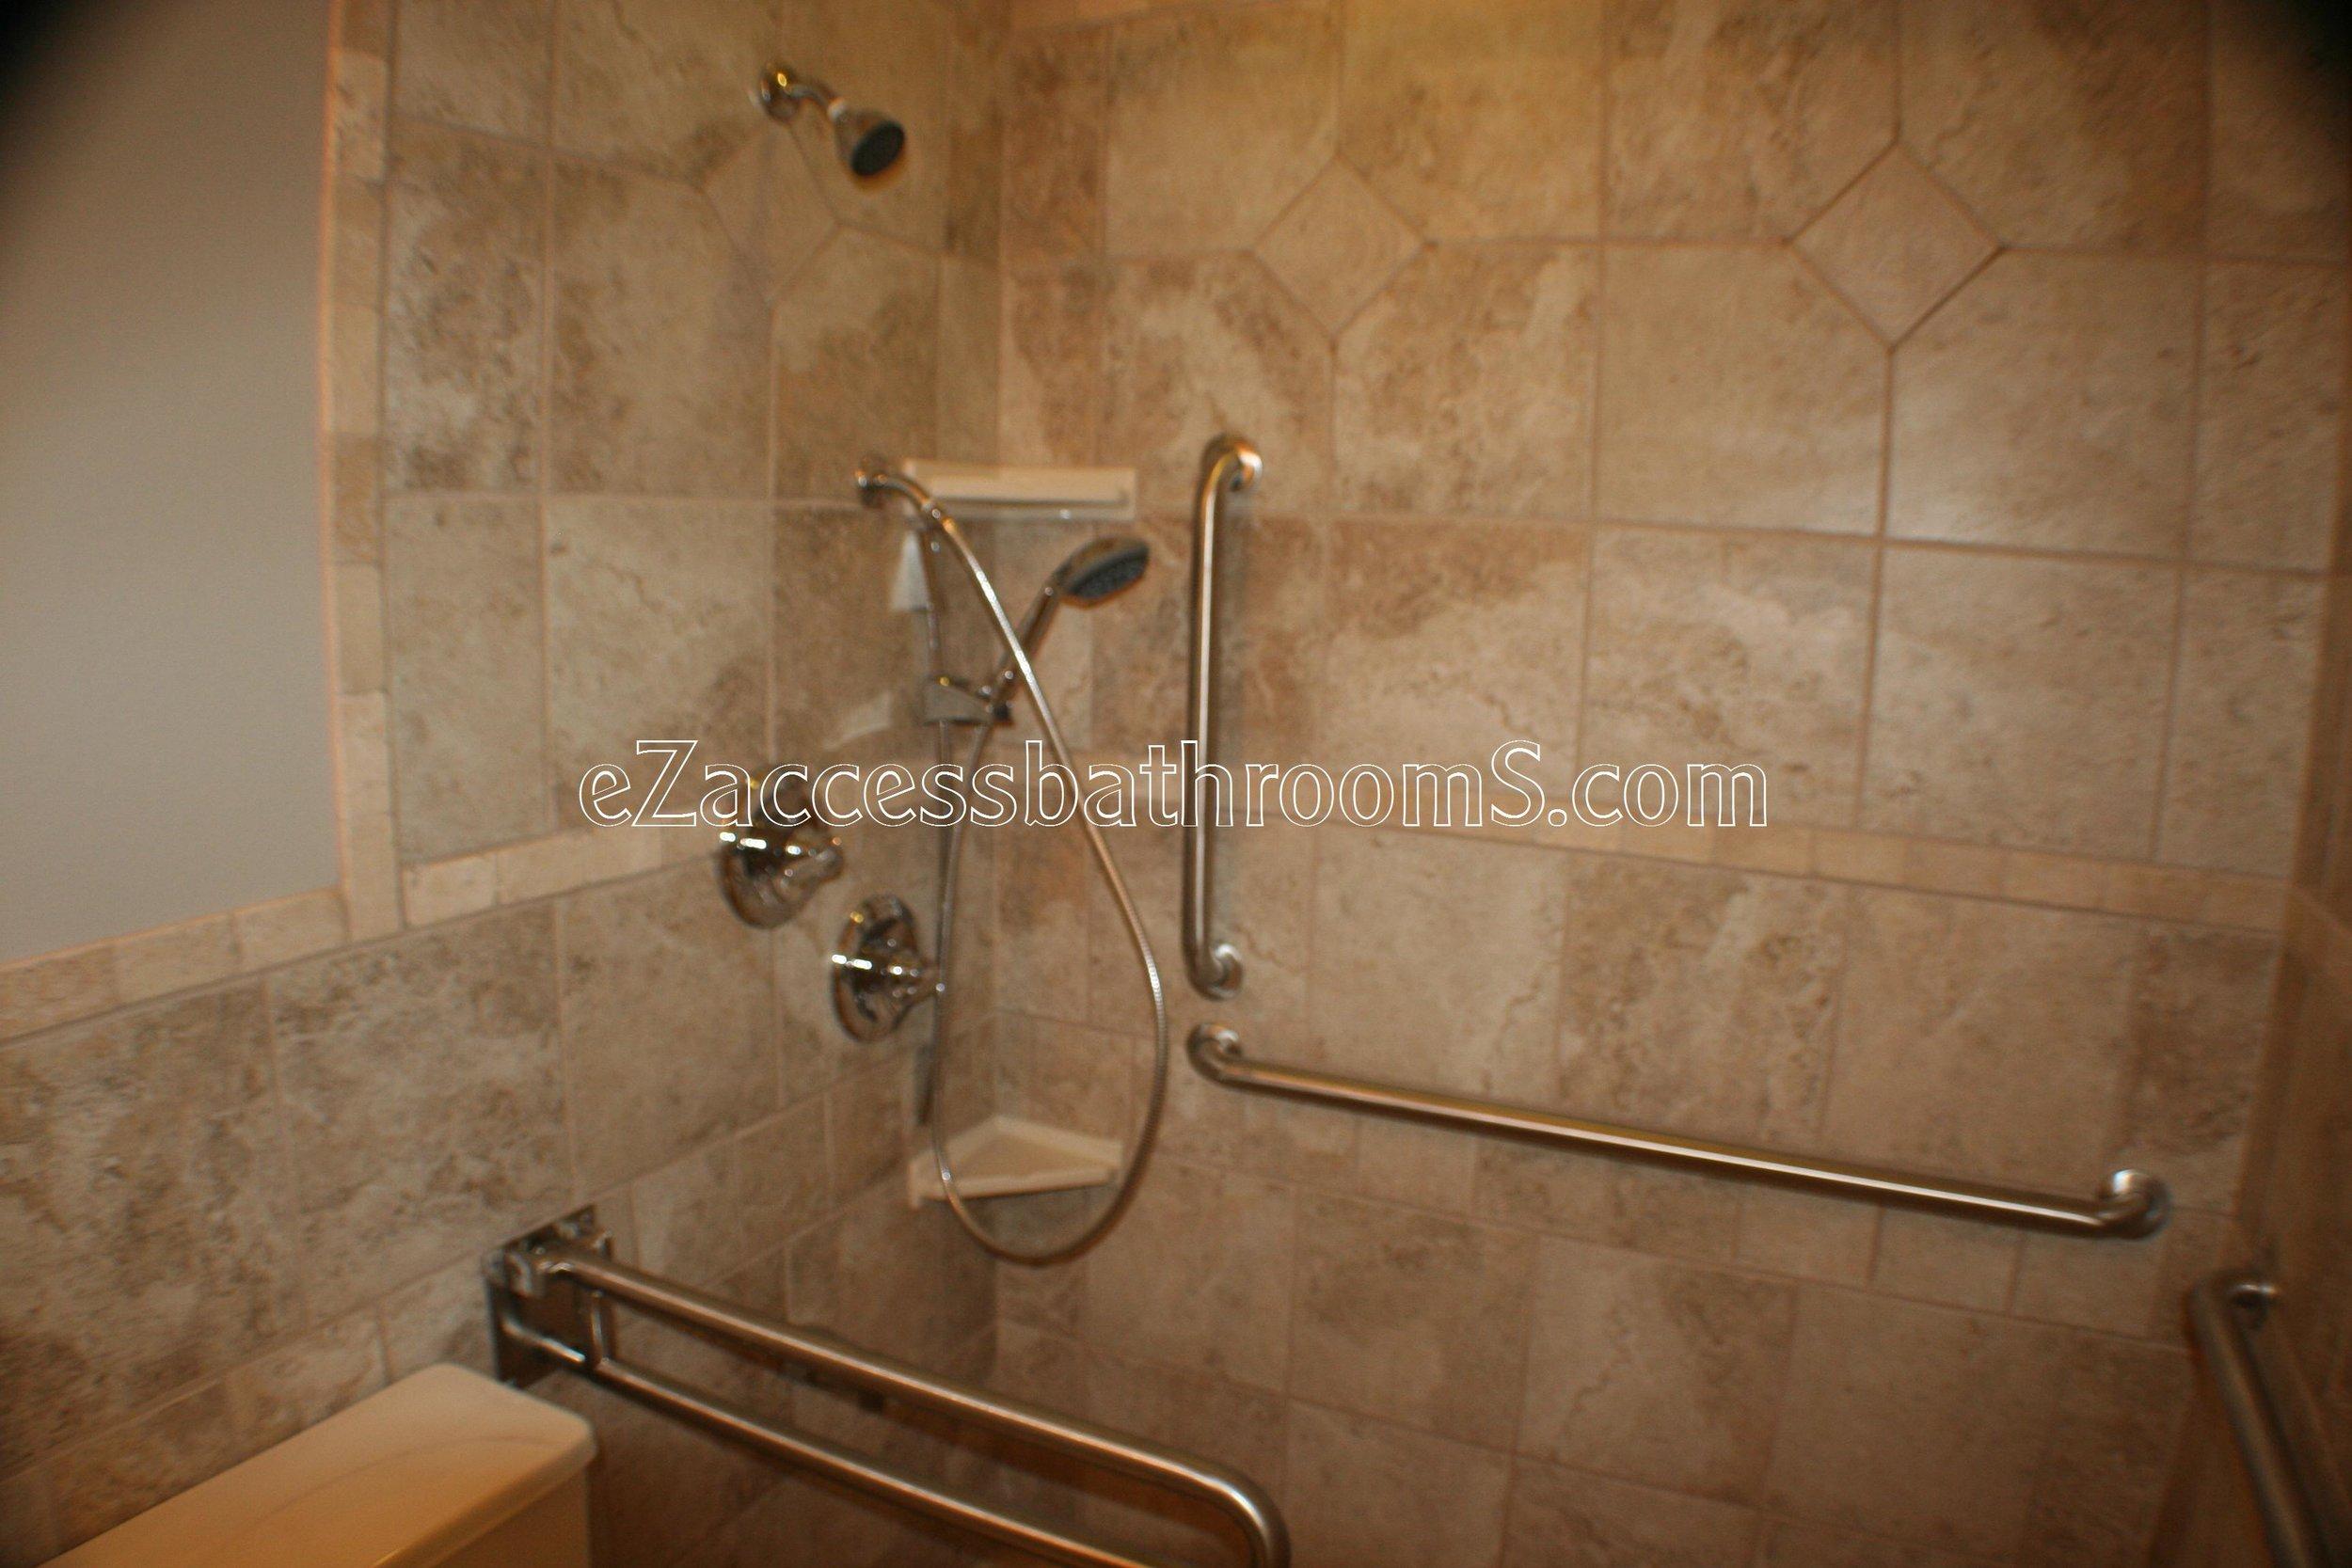 handicap bathroom 01 ezacessbathrooms.com 015.jpg